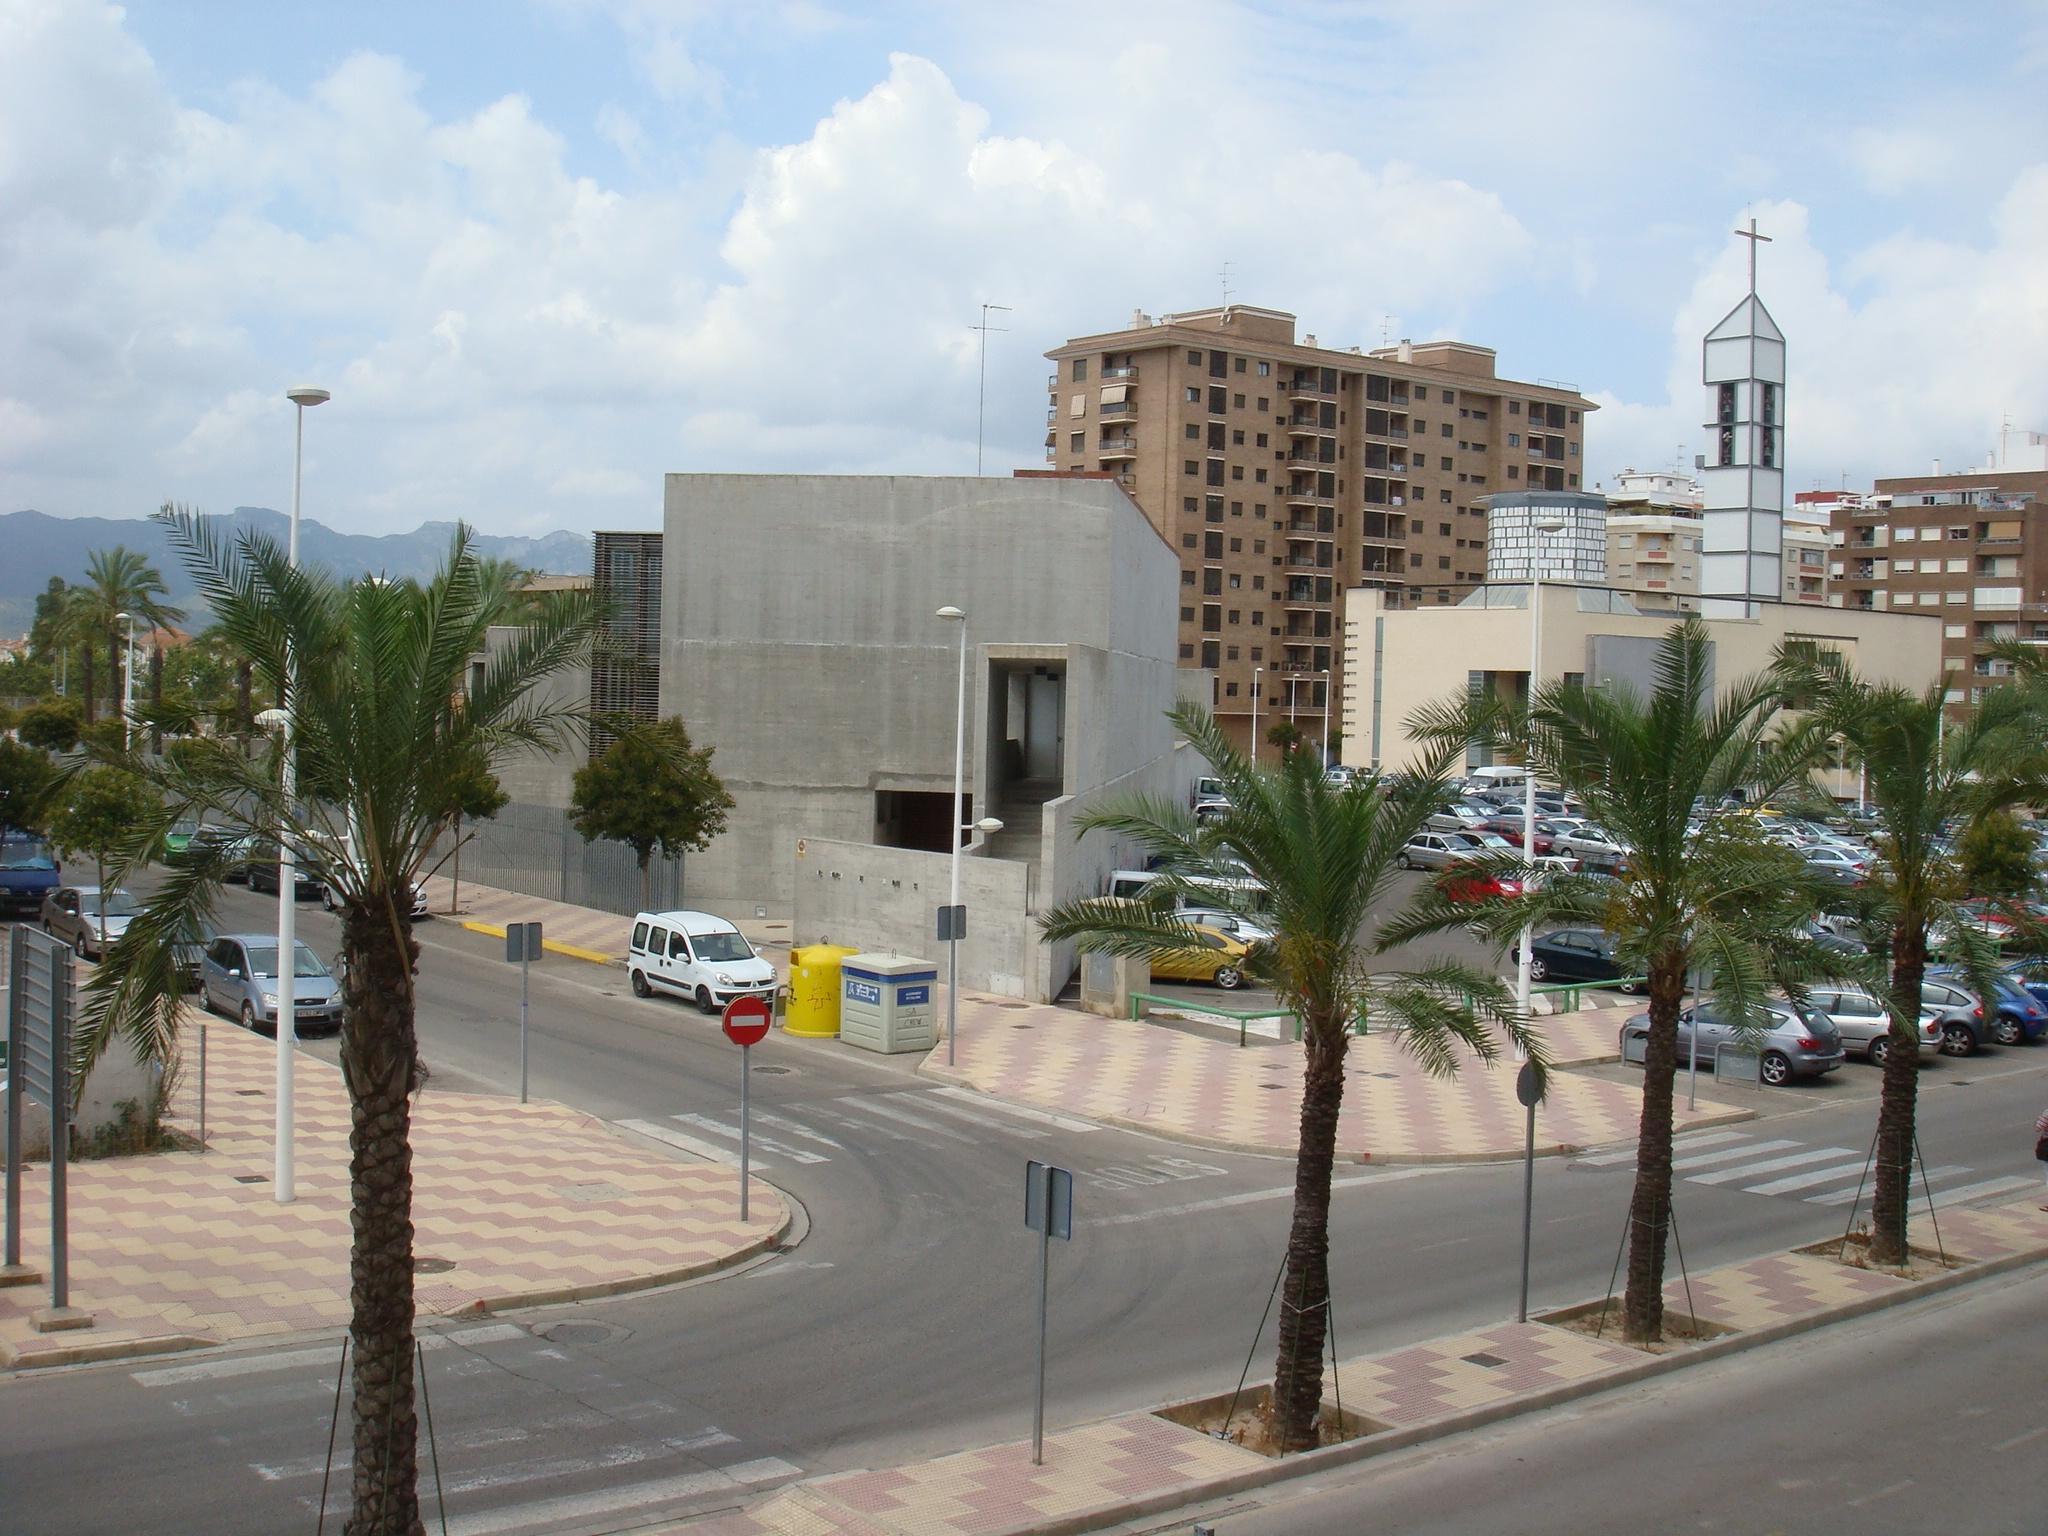 Inmobiliaria gestitur apartamento en zona la bega bega nova 3544 inmobiliaria cullera - Venta apartamentos en cullera ...